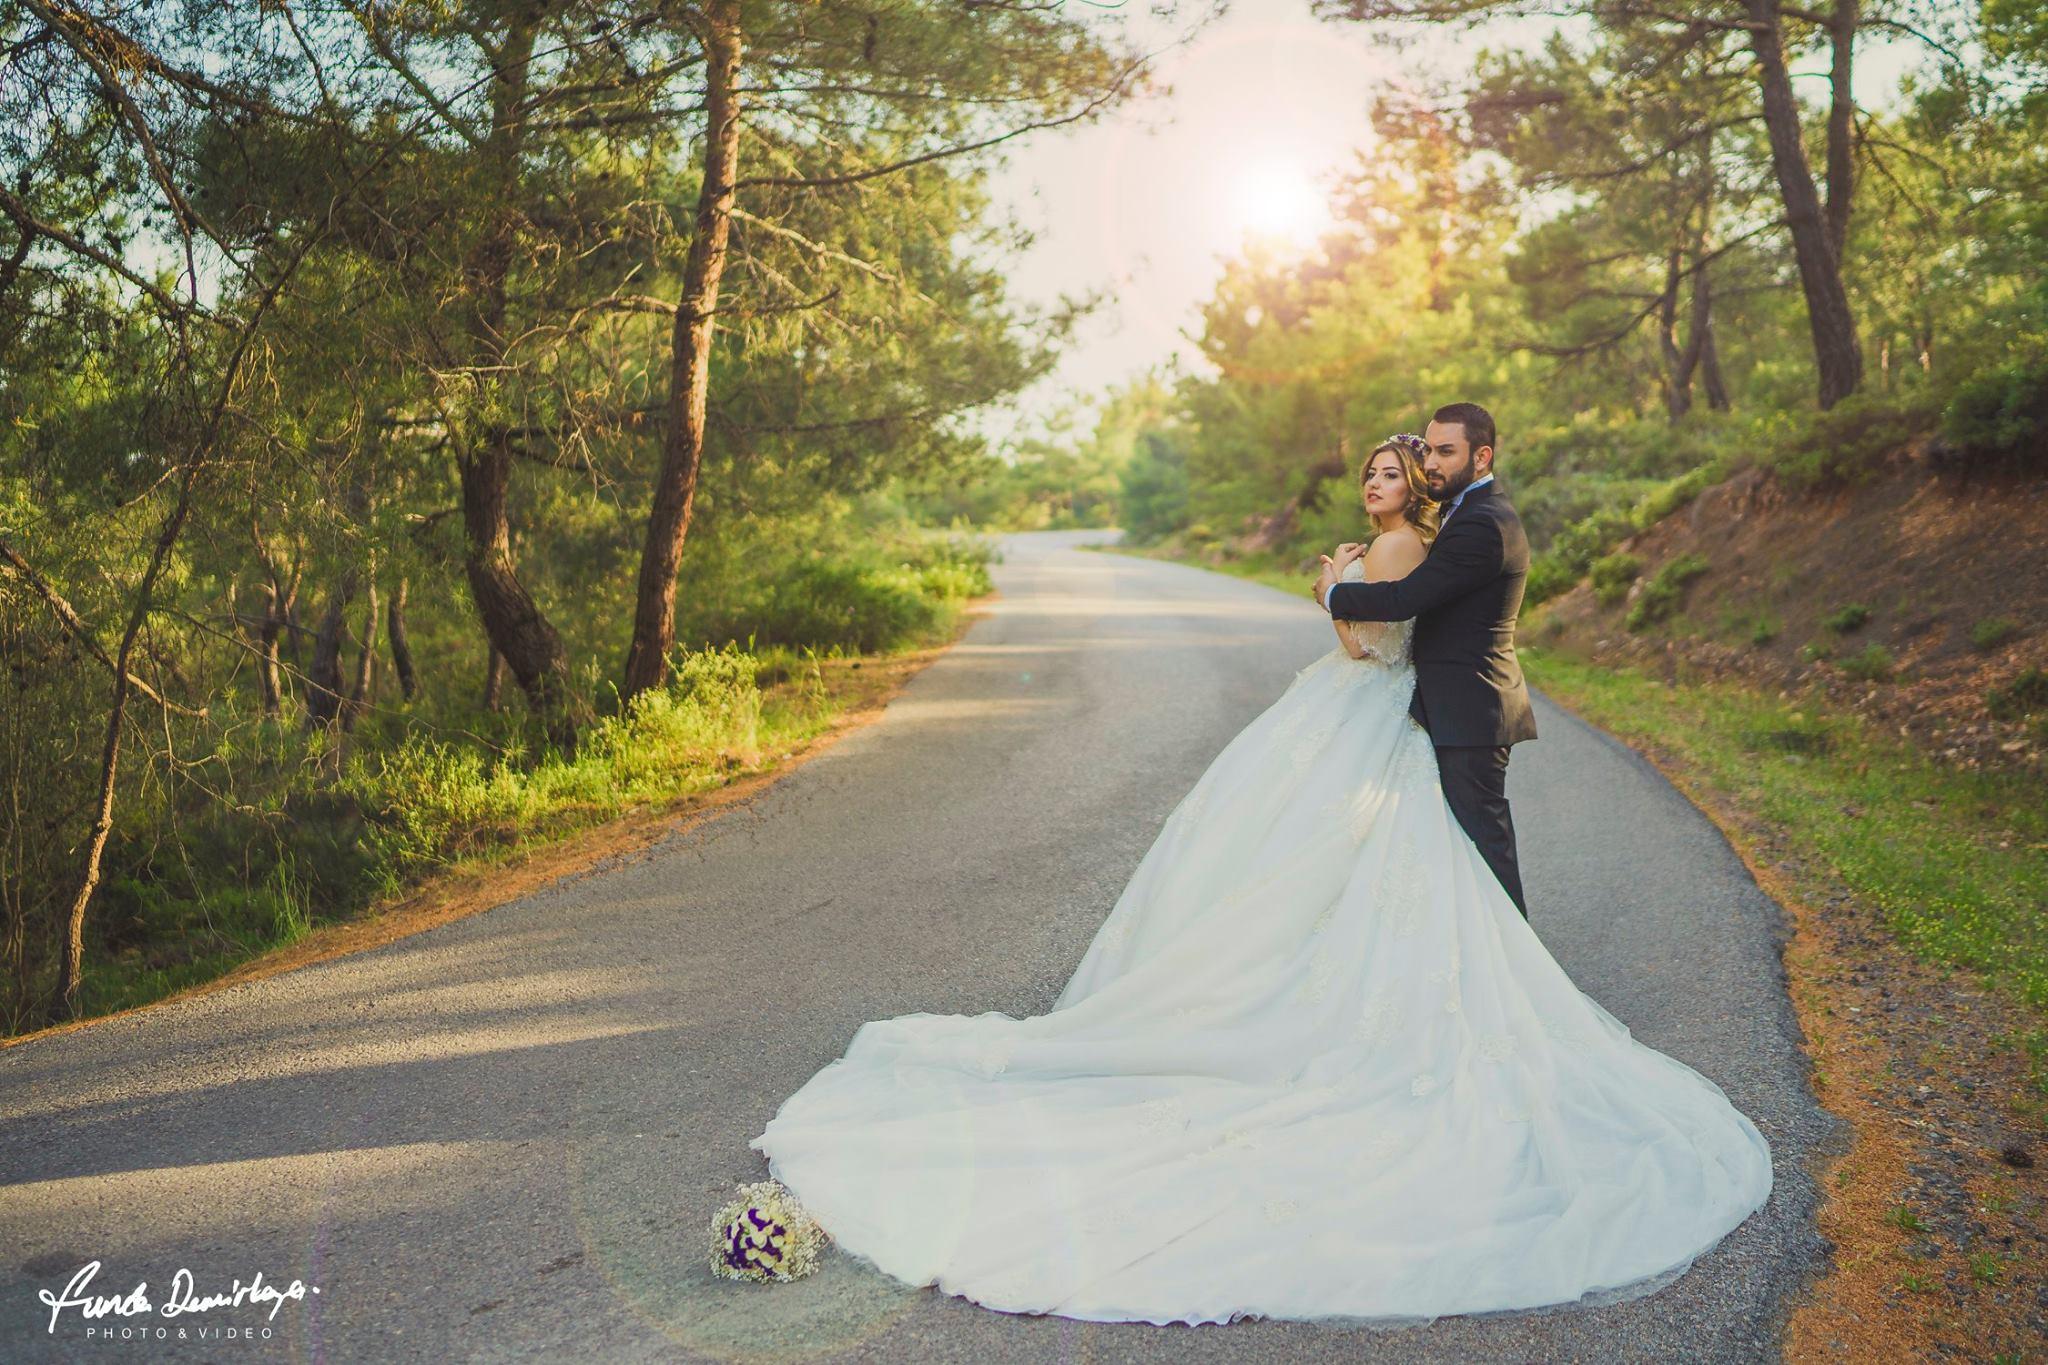 Balıkesir Edremit Ayvalık Cunda Düğün Fotoğrafçısı Funda Demirkaya (3)